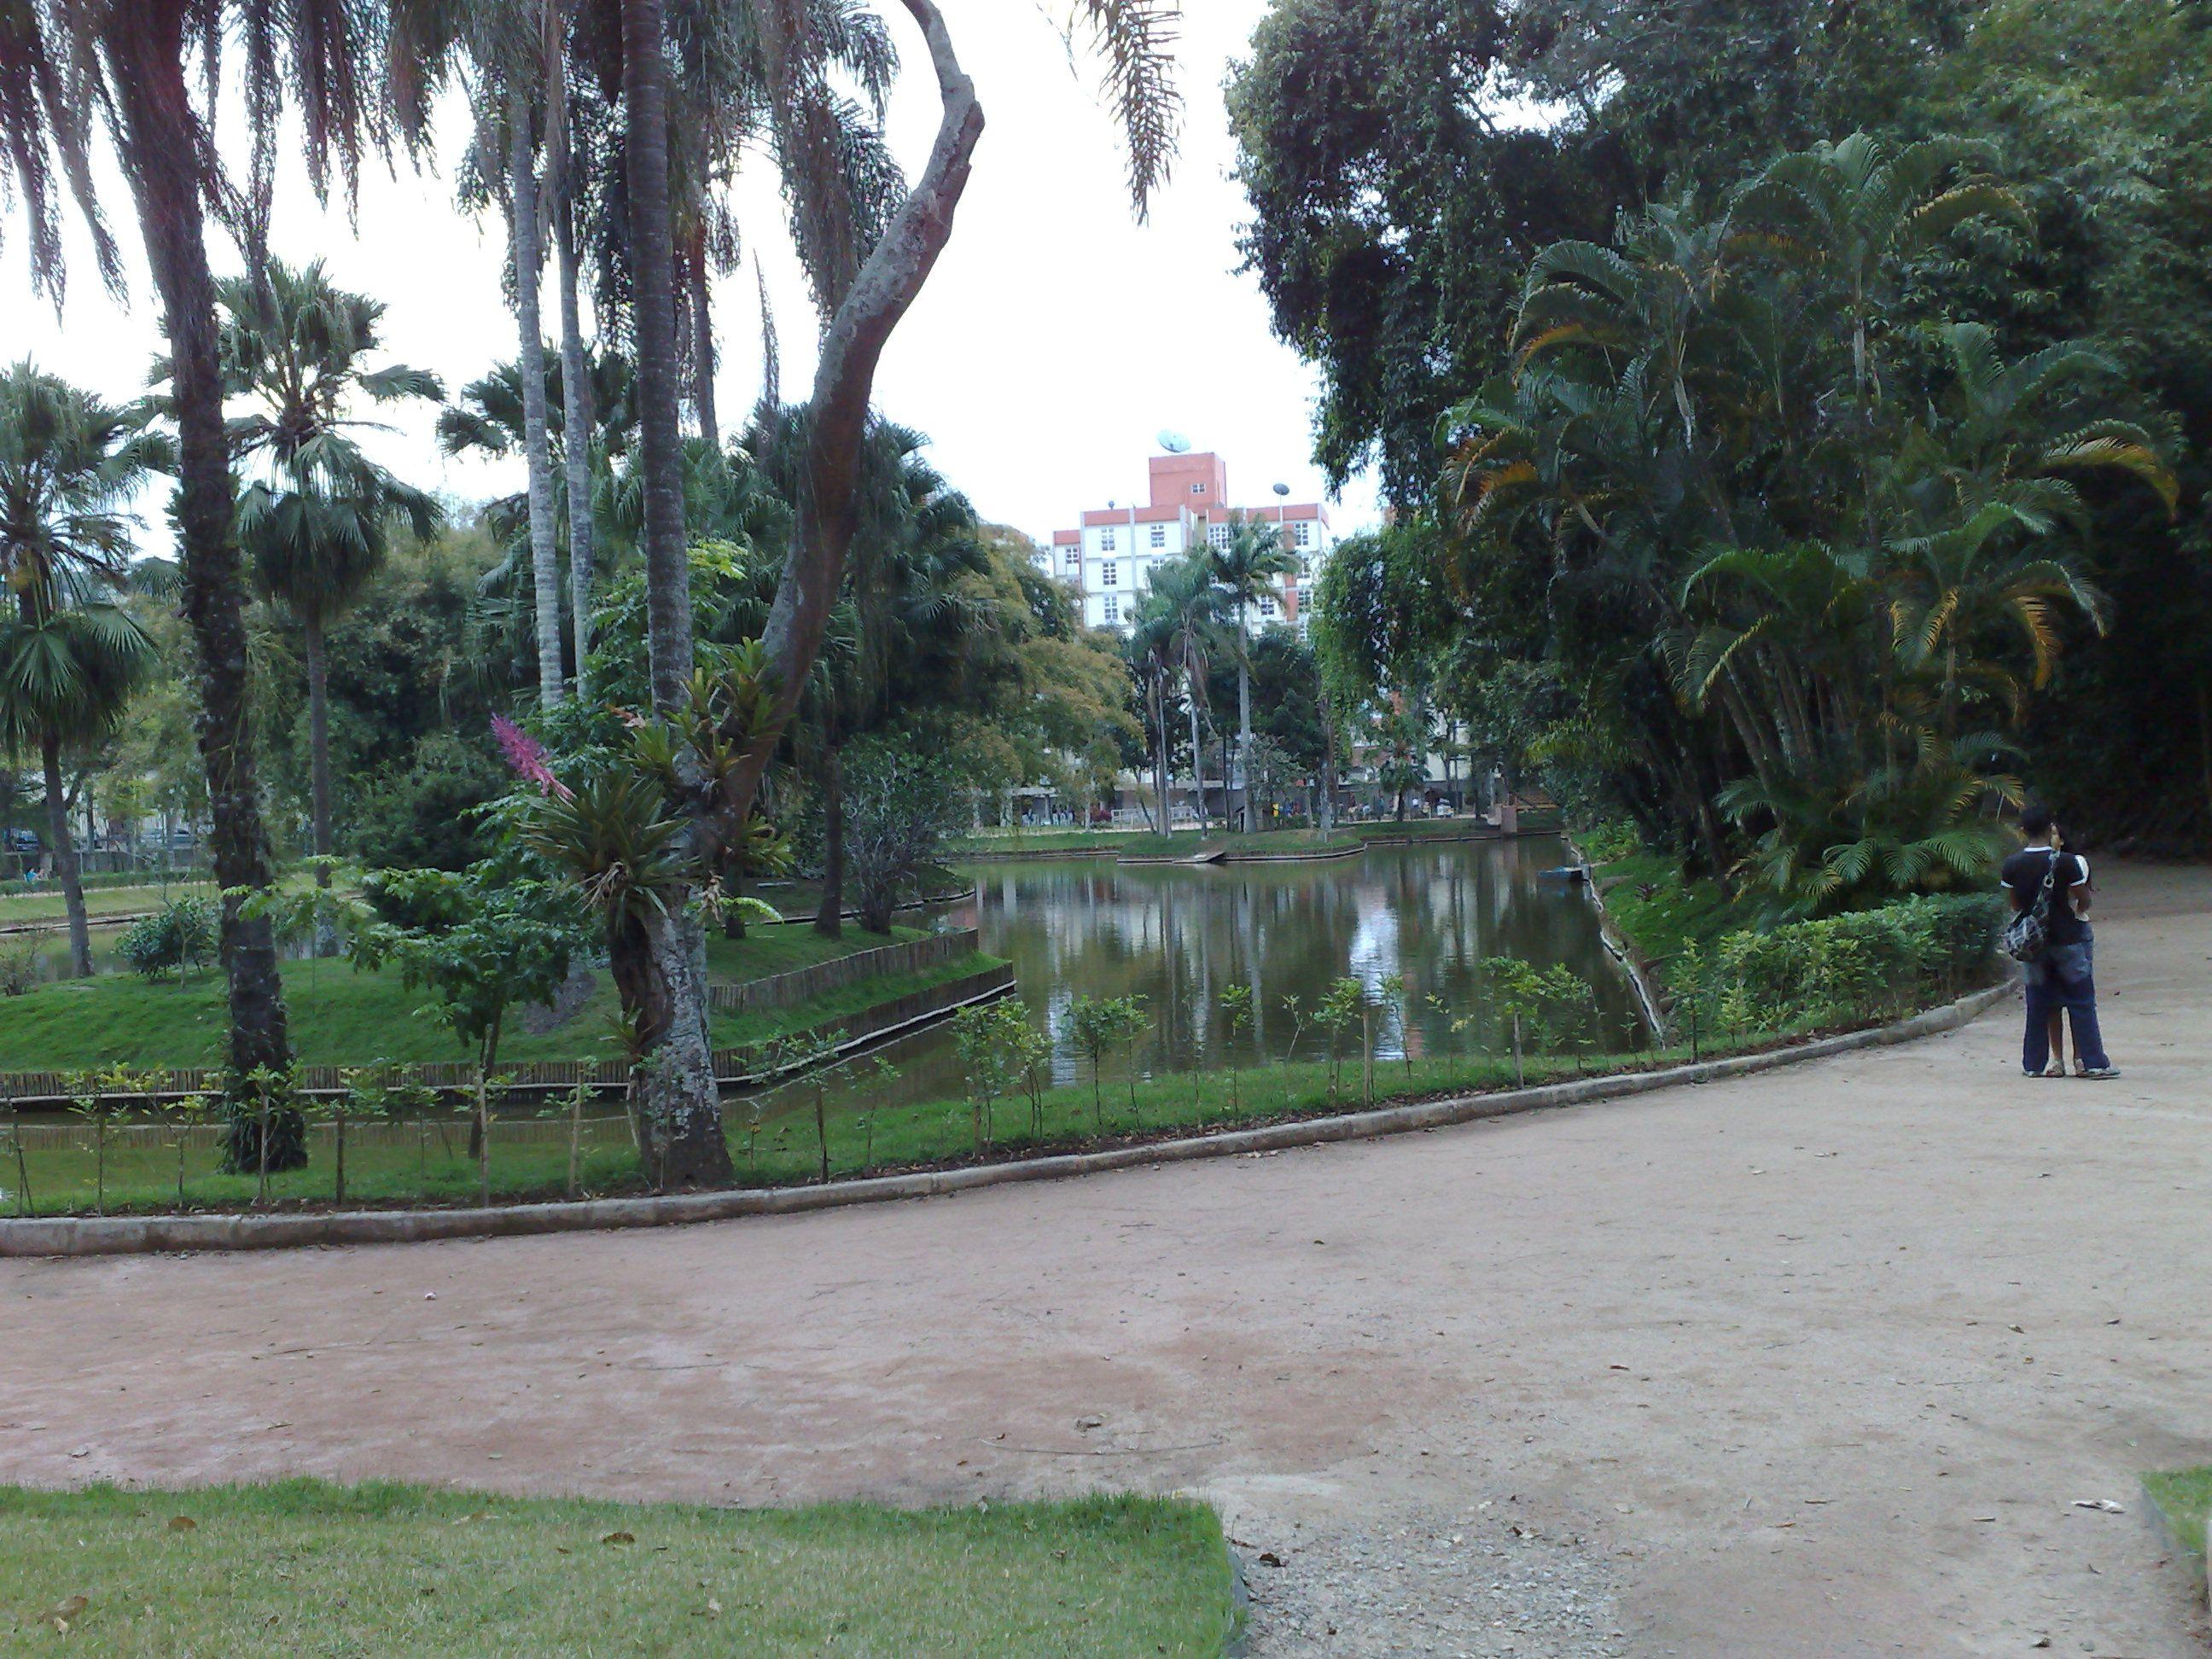 Parque do museu Mariano Procópio